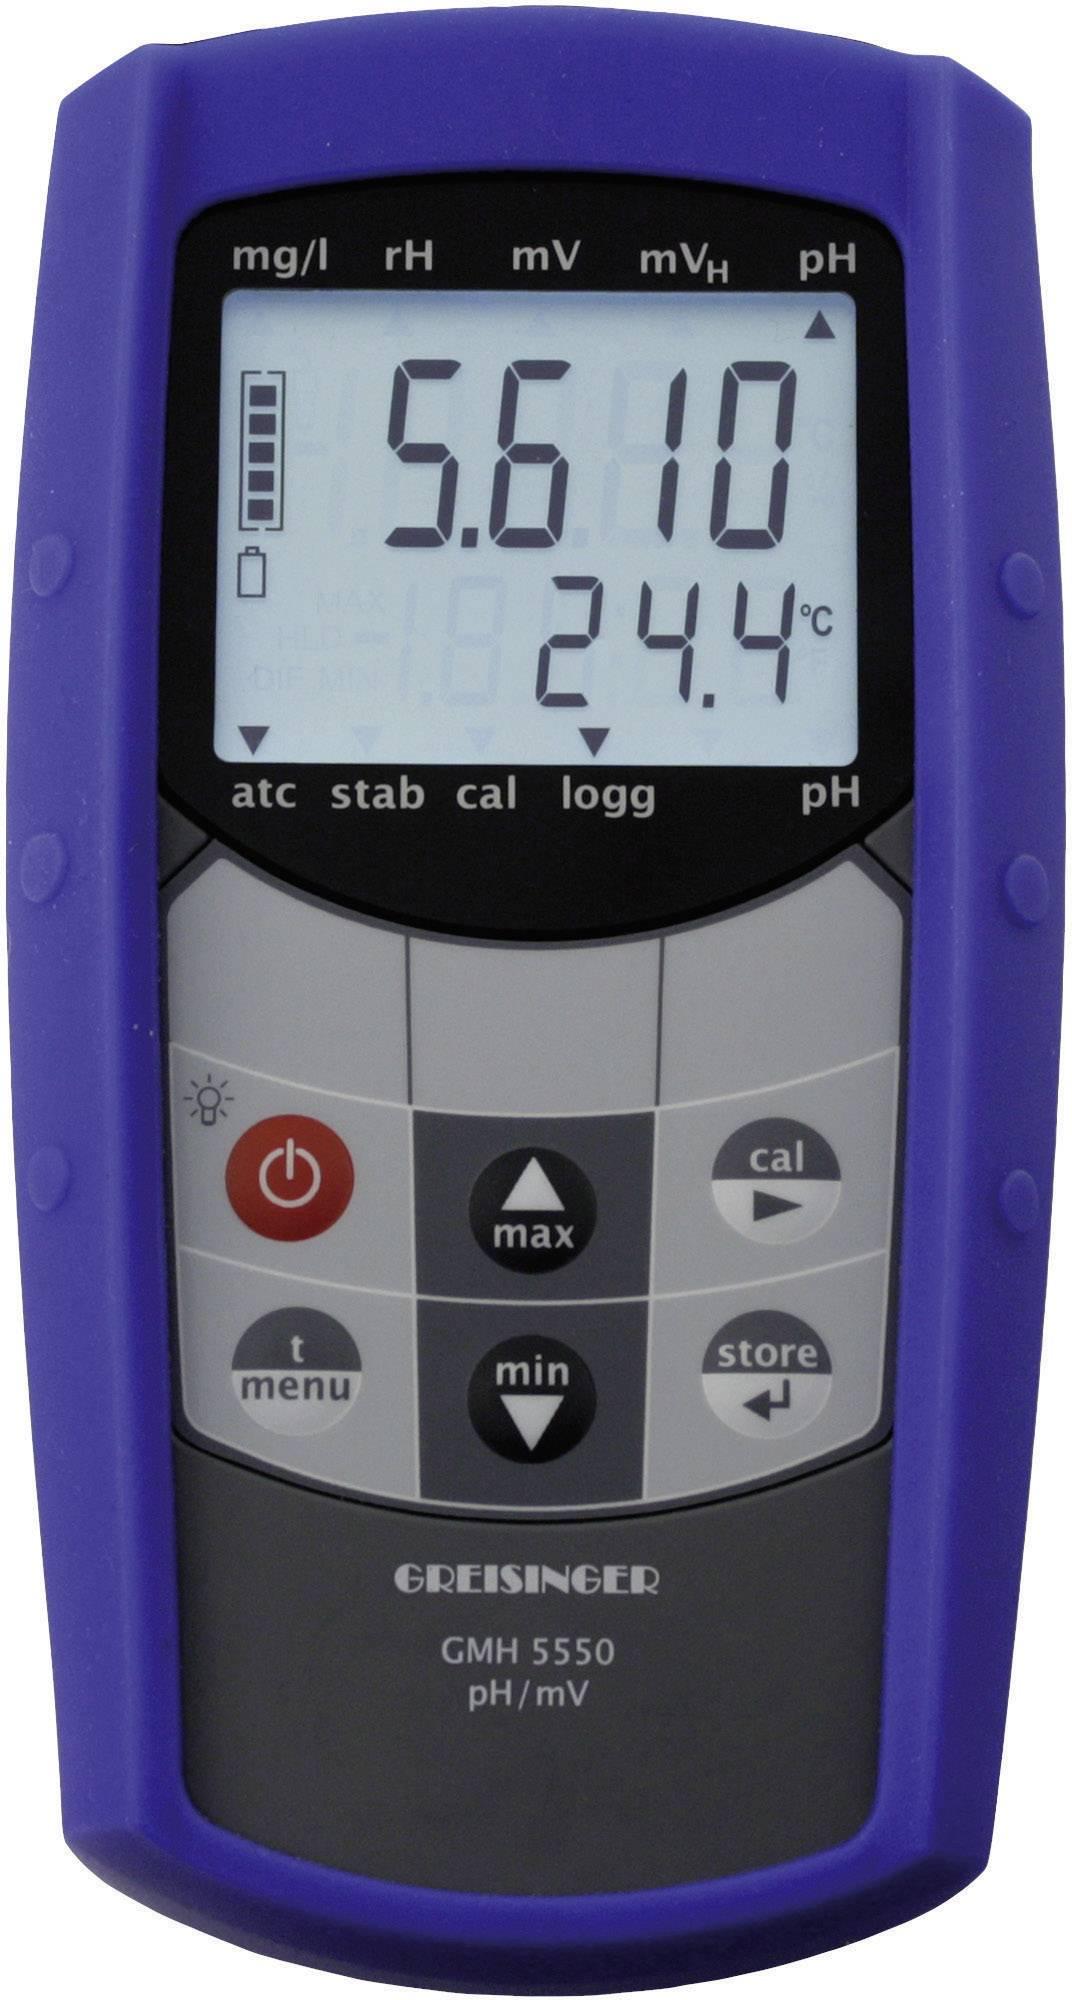 Vodeodolný pH/Redox ručný prístroj Greisinger GMH 5550